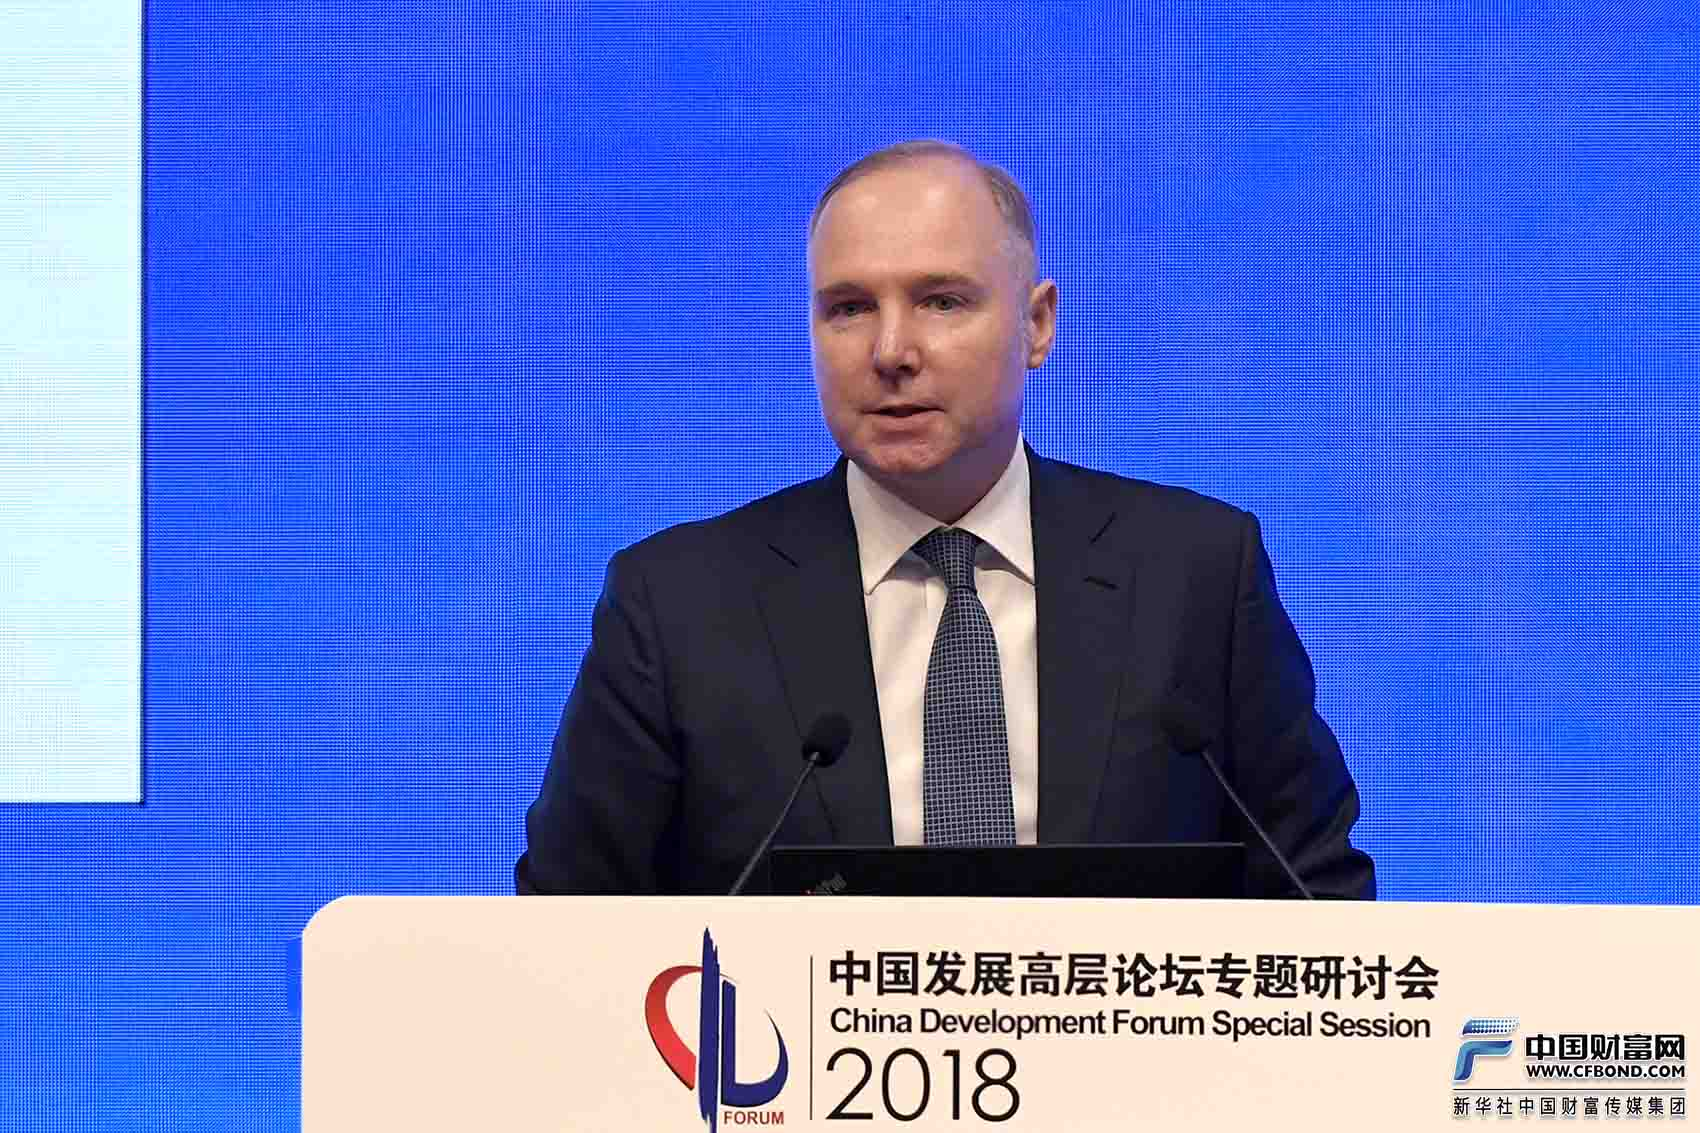 宝马大中华区总裁高乐:未来将继续在中国进行系统性扩张